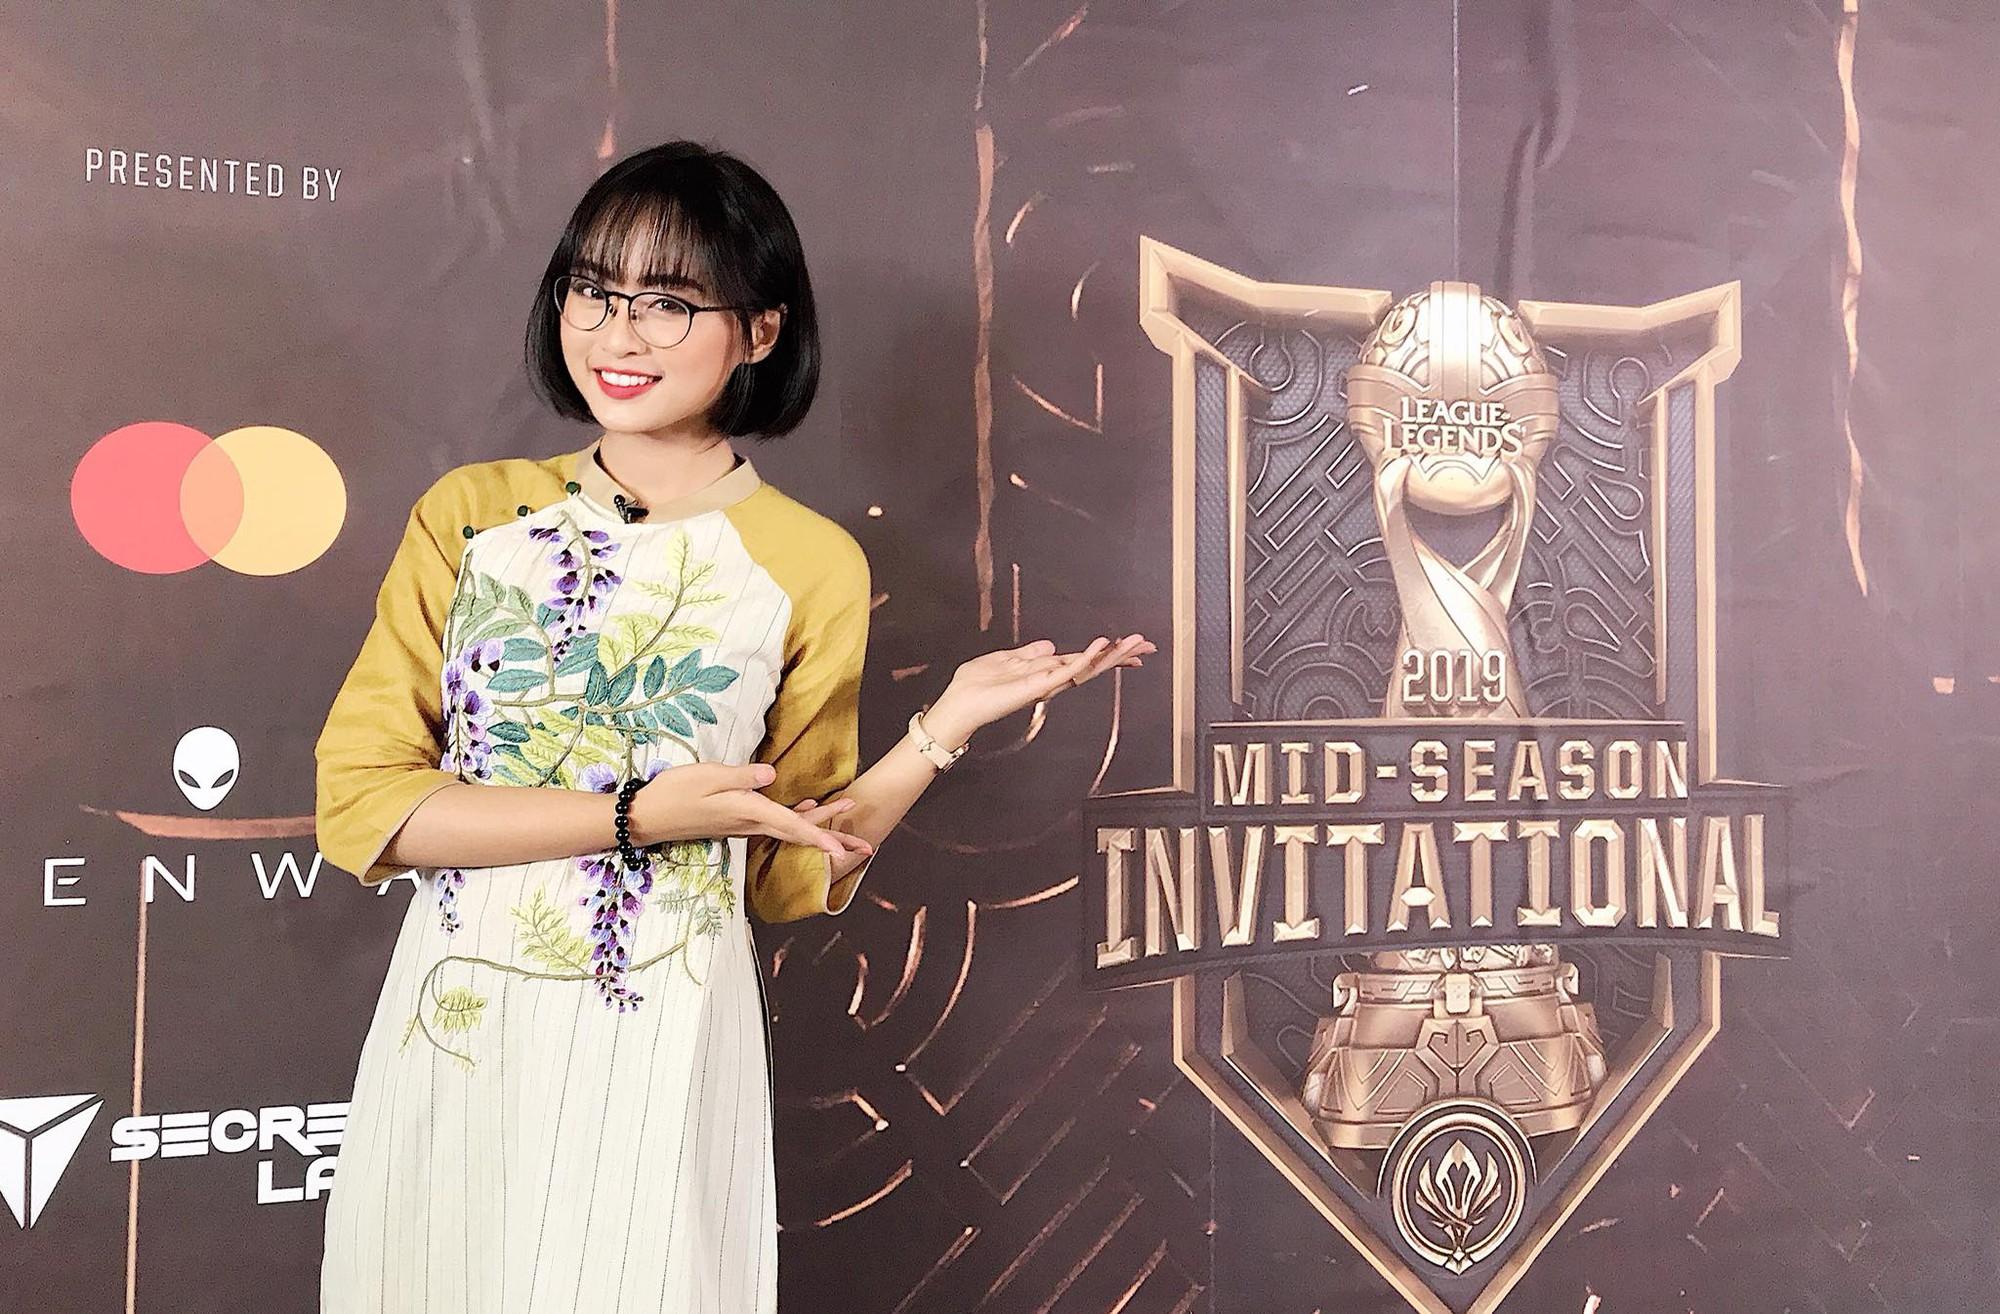 Ngỡ ngàng trước nhan sắc các nữ MC tại MSI 2019: Xuất hiện nữ thần tới từ Trung Quốc nhưng đại diện của Việt Nam cũng không hề kém cạnh - Ảnh 17.